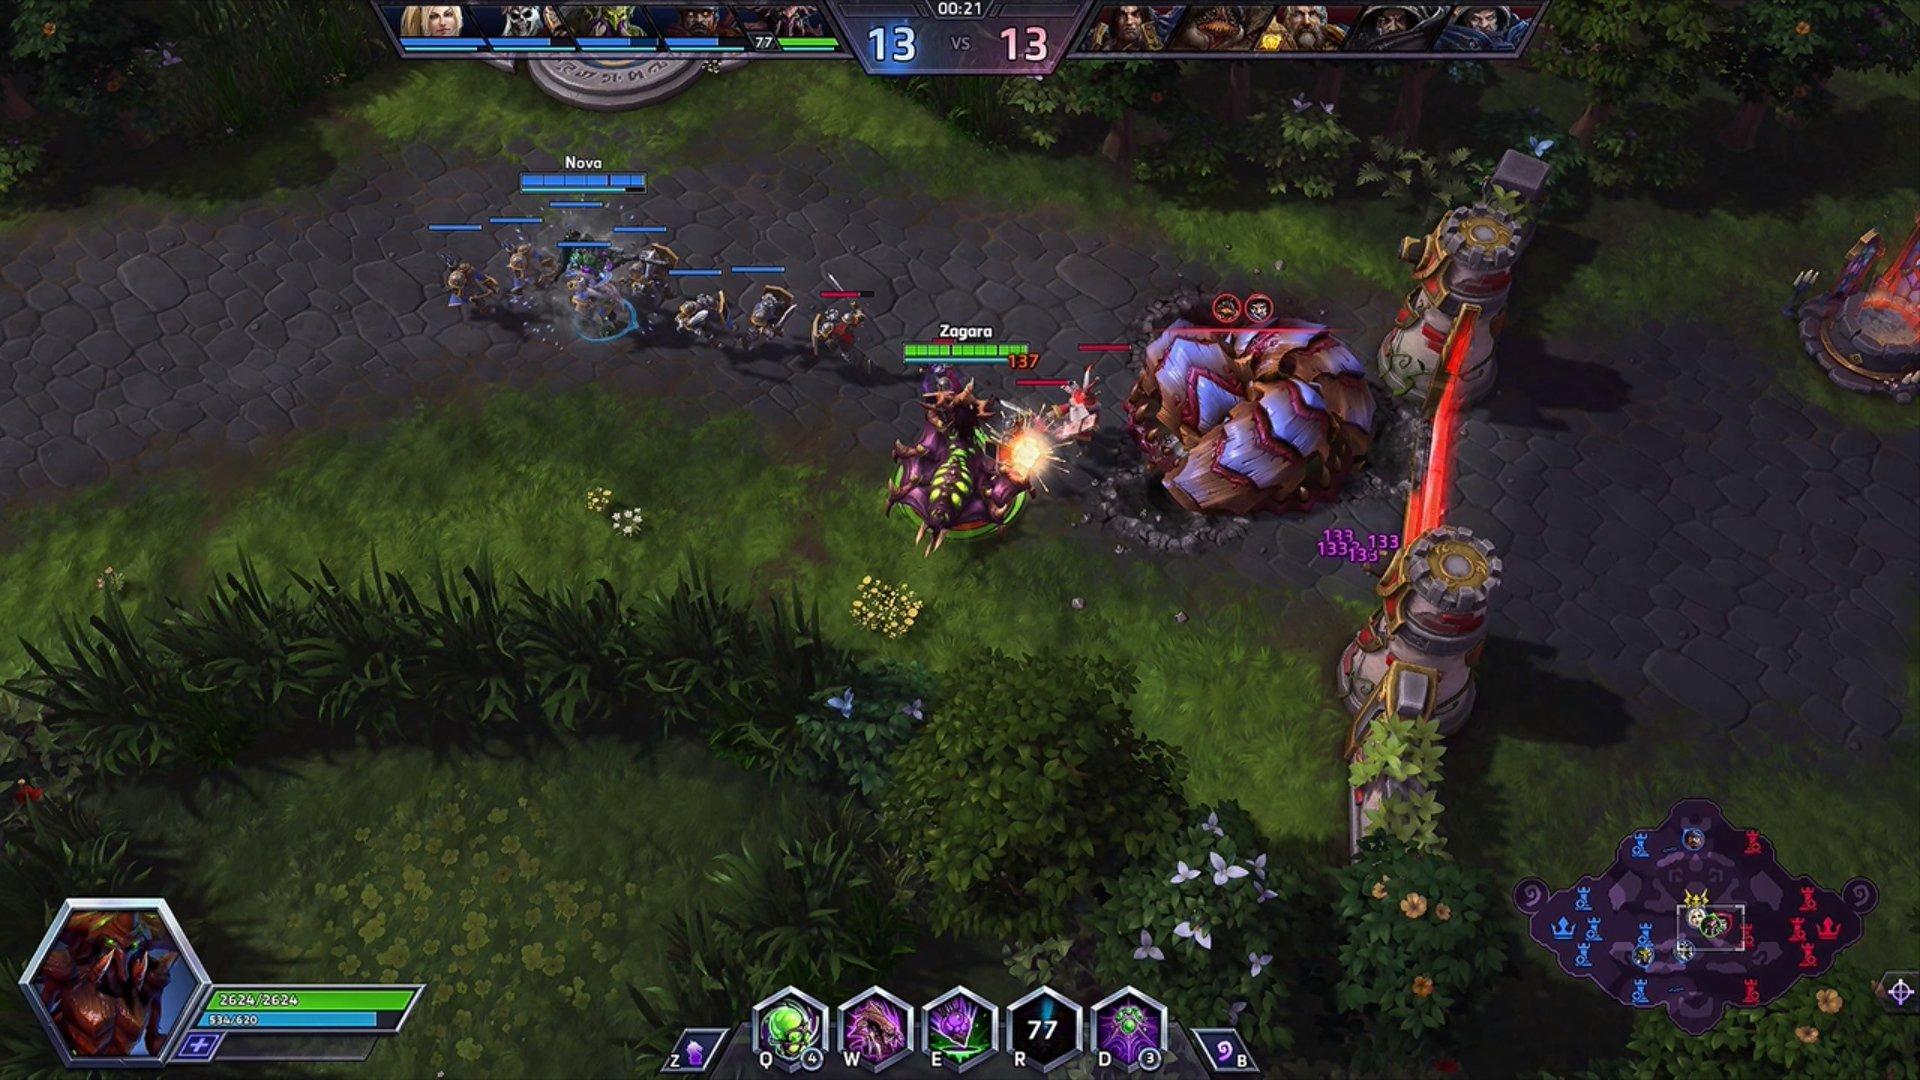 Battleground matchmaking